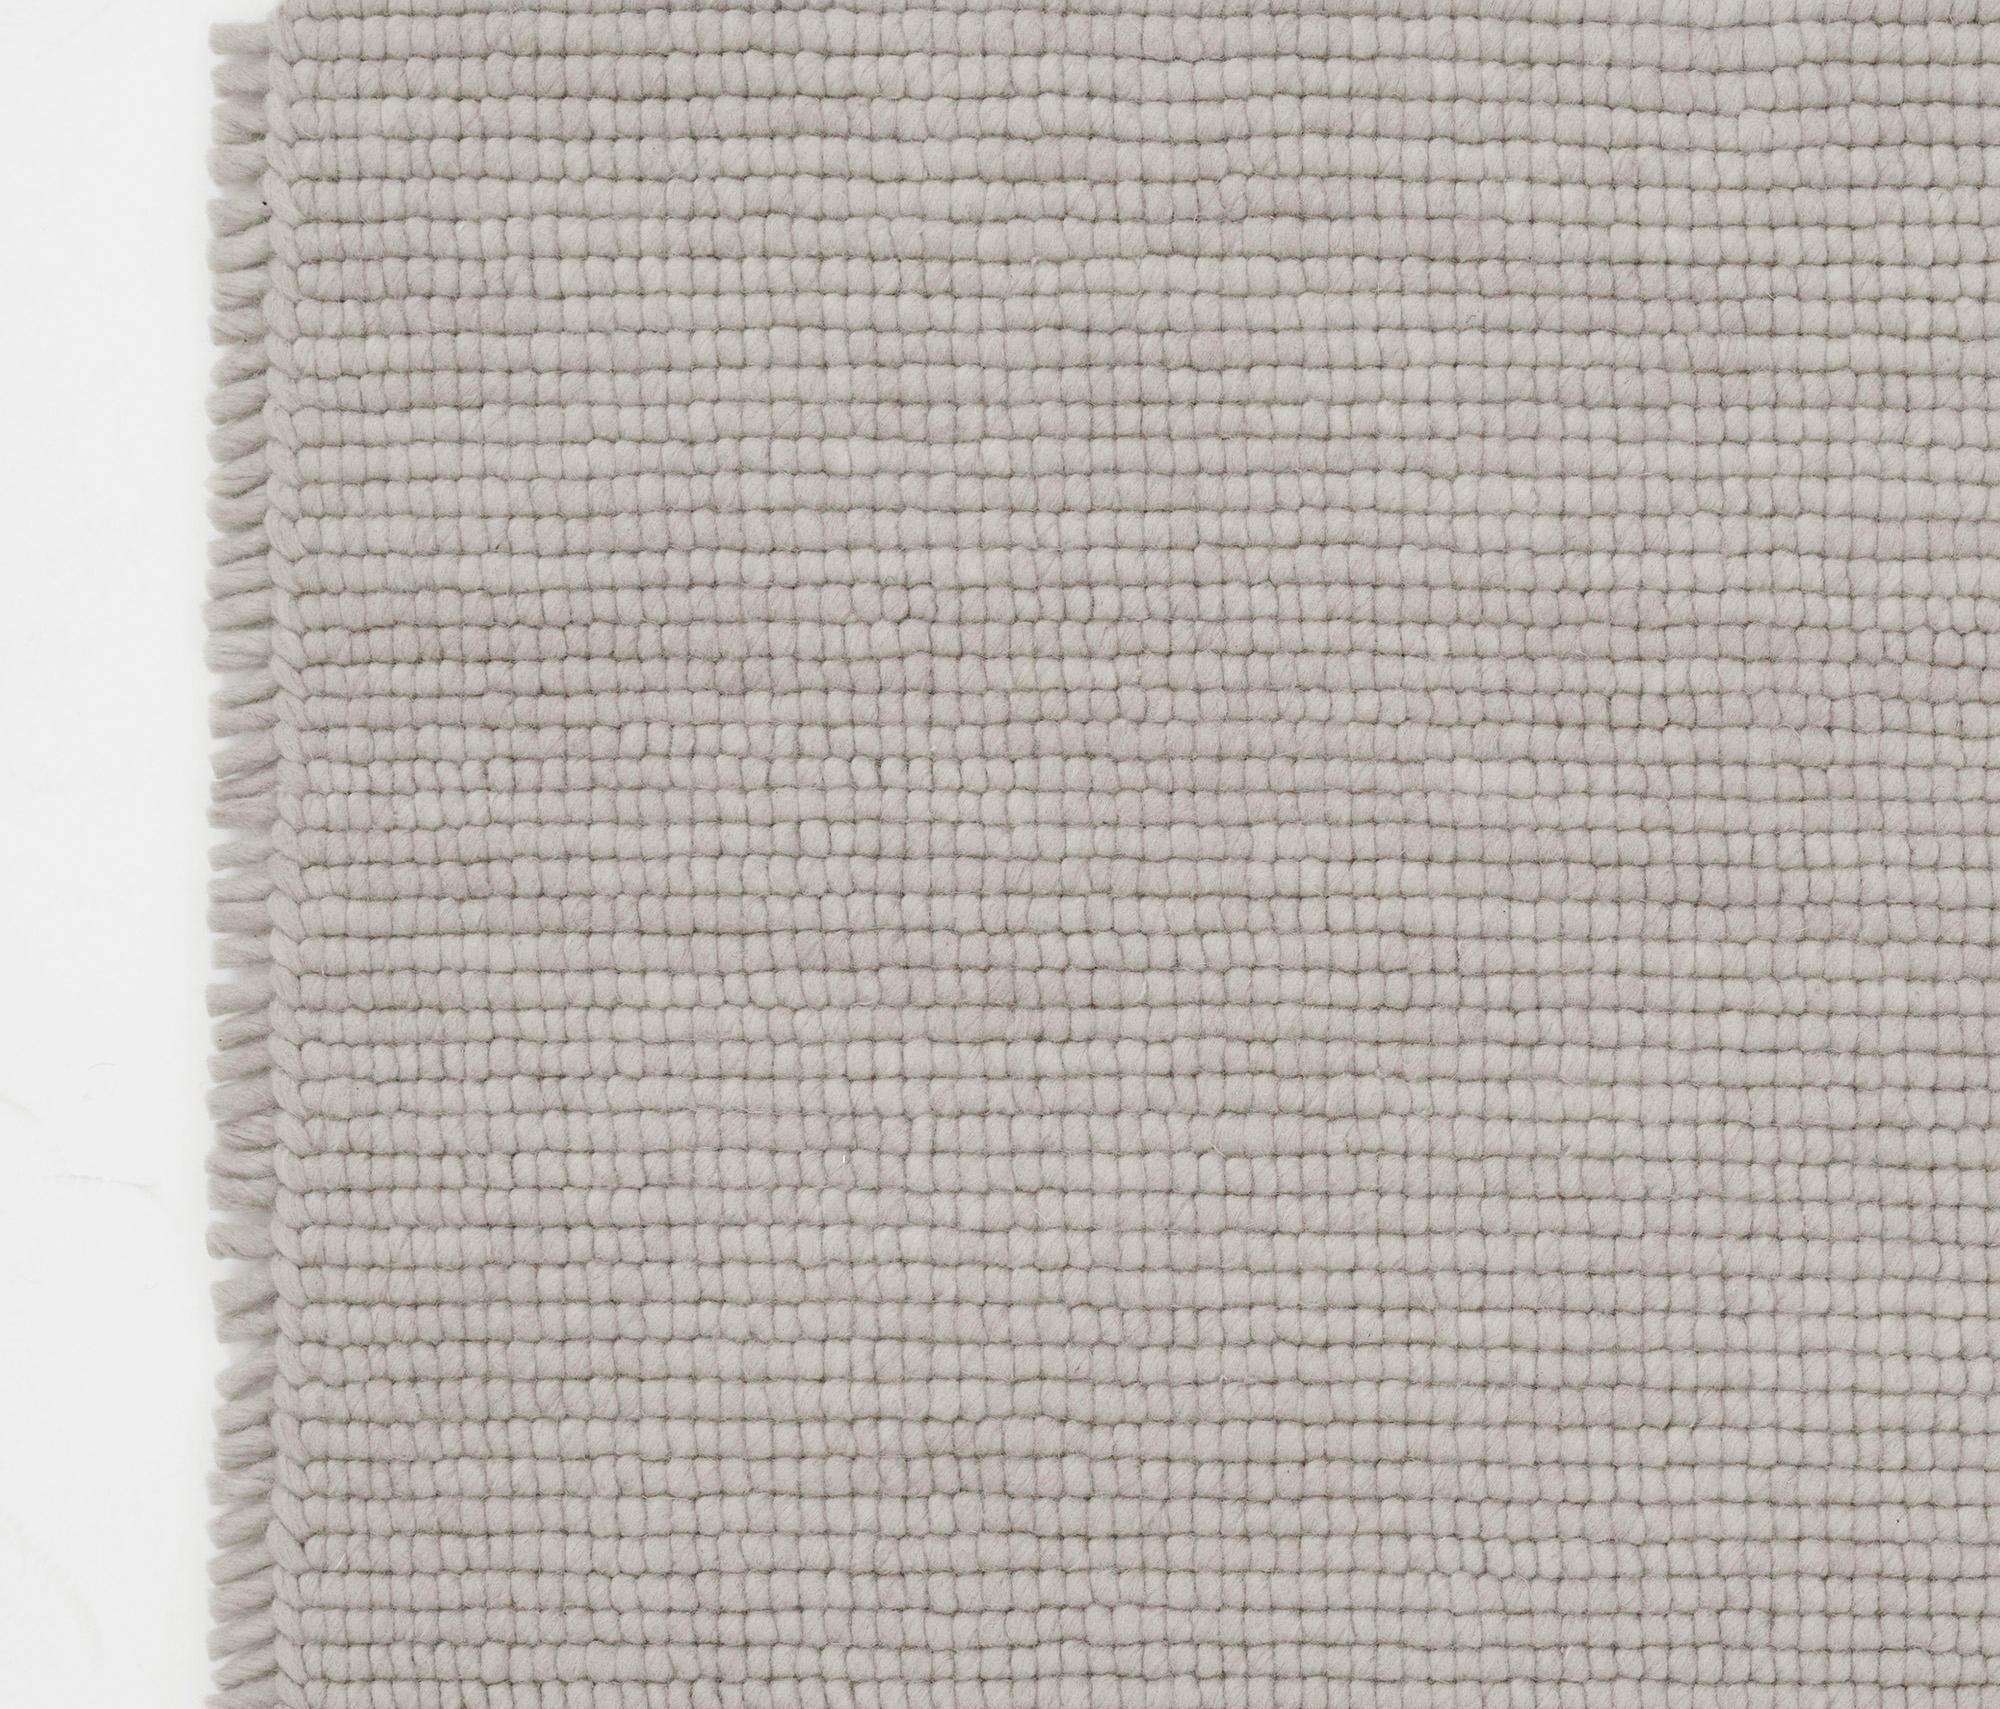 moss 0013 formatteppiche designerteppiche von kinnasand architonic. Black Bedroom Furniture Sets. Home Design Ideas